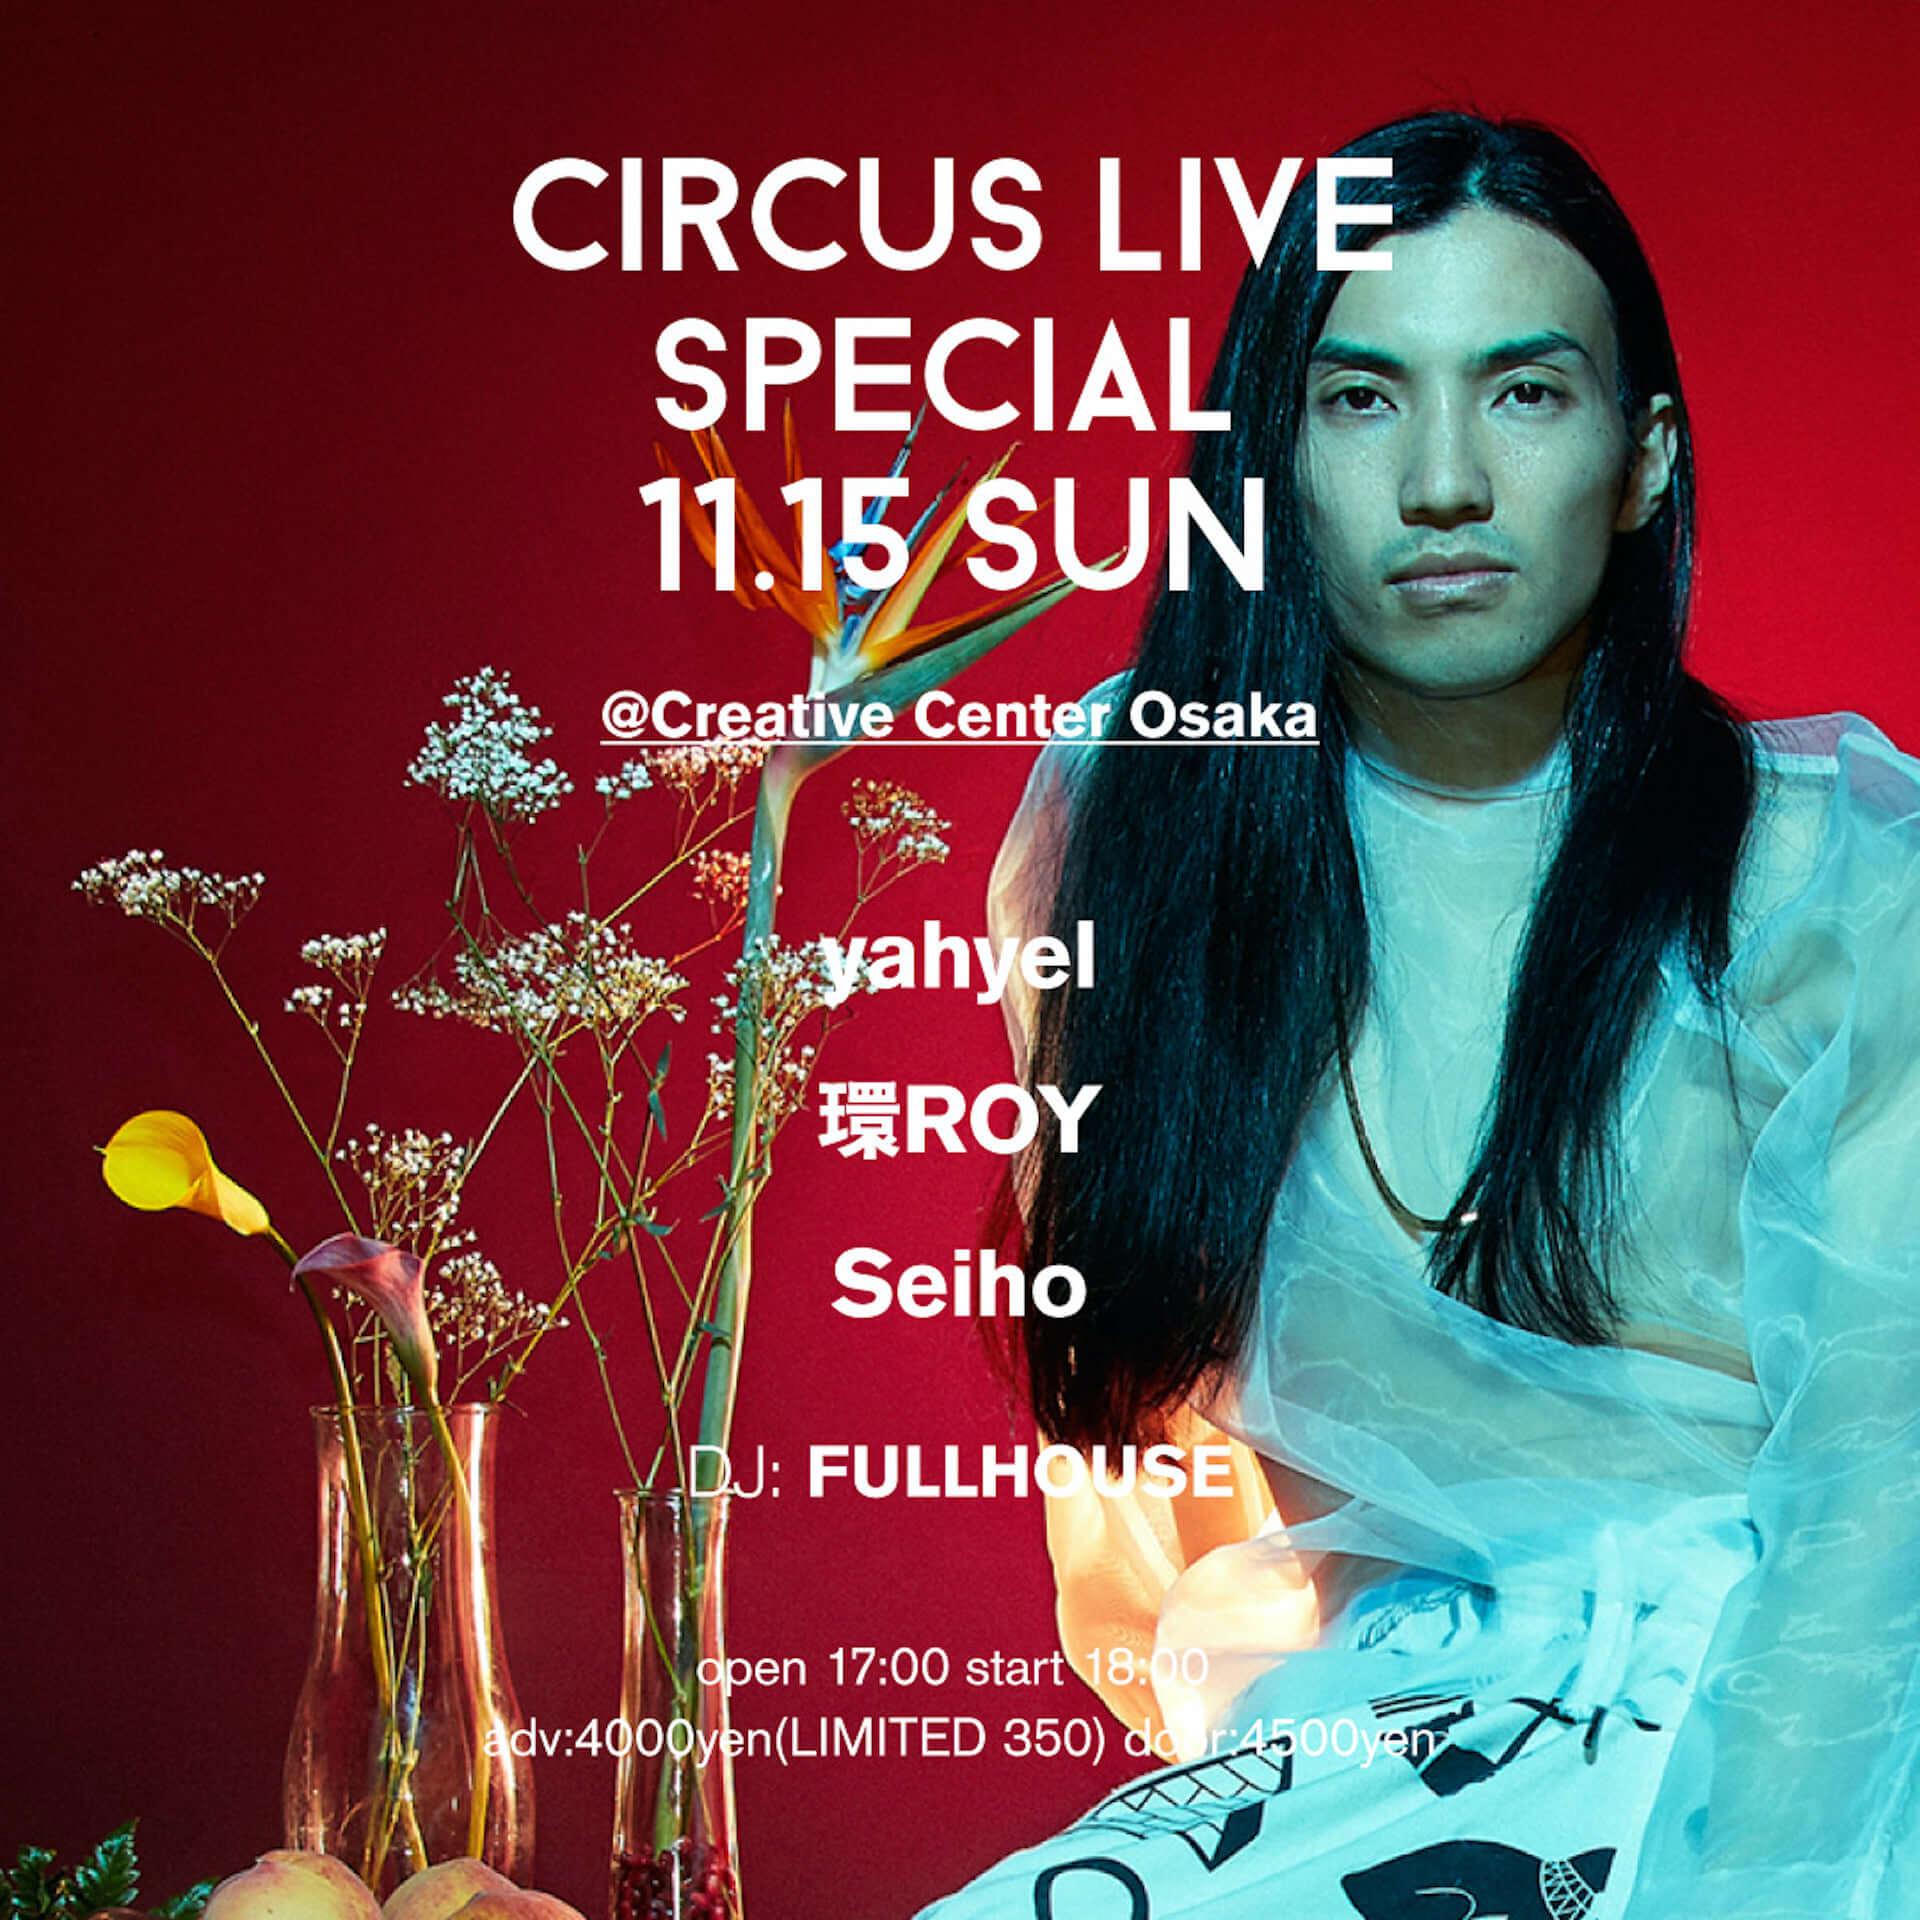 Seiho、yahyel、環ROYによるスリーマンライブがクリエイティブセンター大阪にて開催決定!枚数限定チケットは現在先行受付中 music201021_circus1115_4-1920x1920